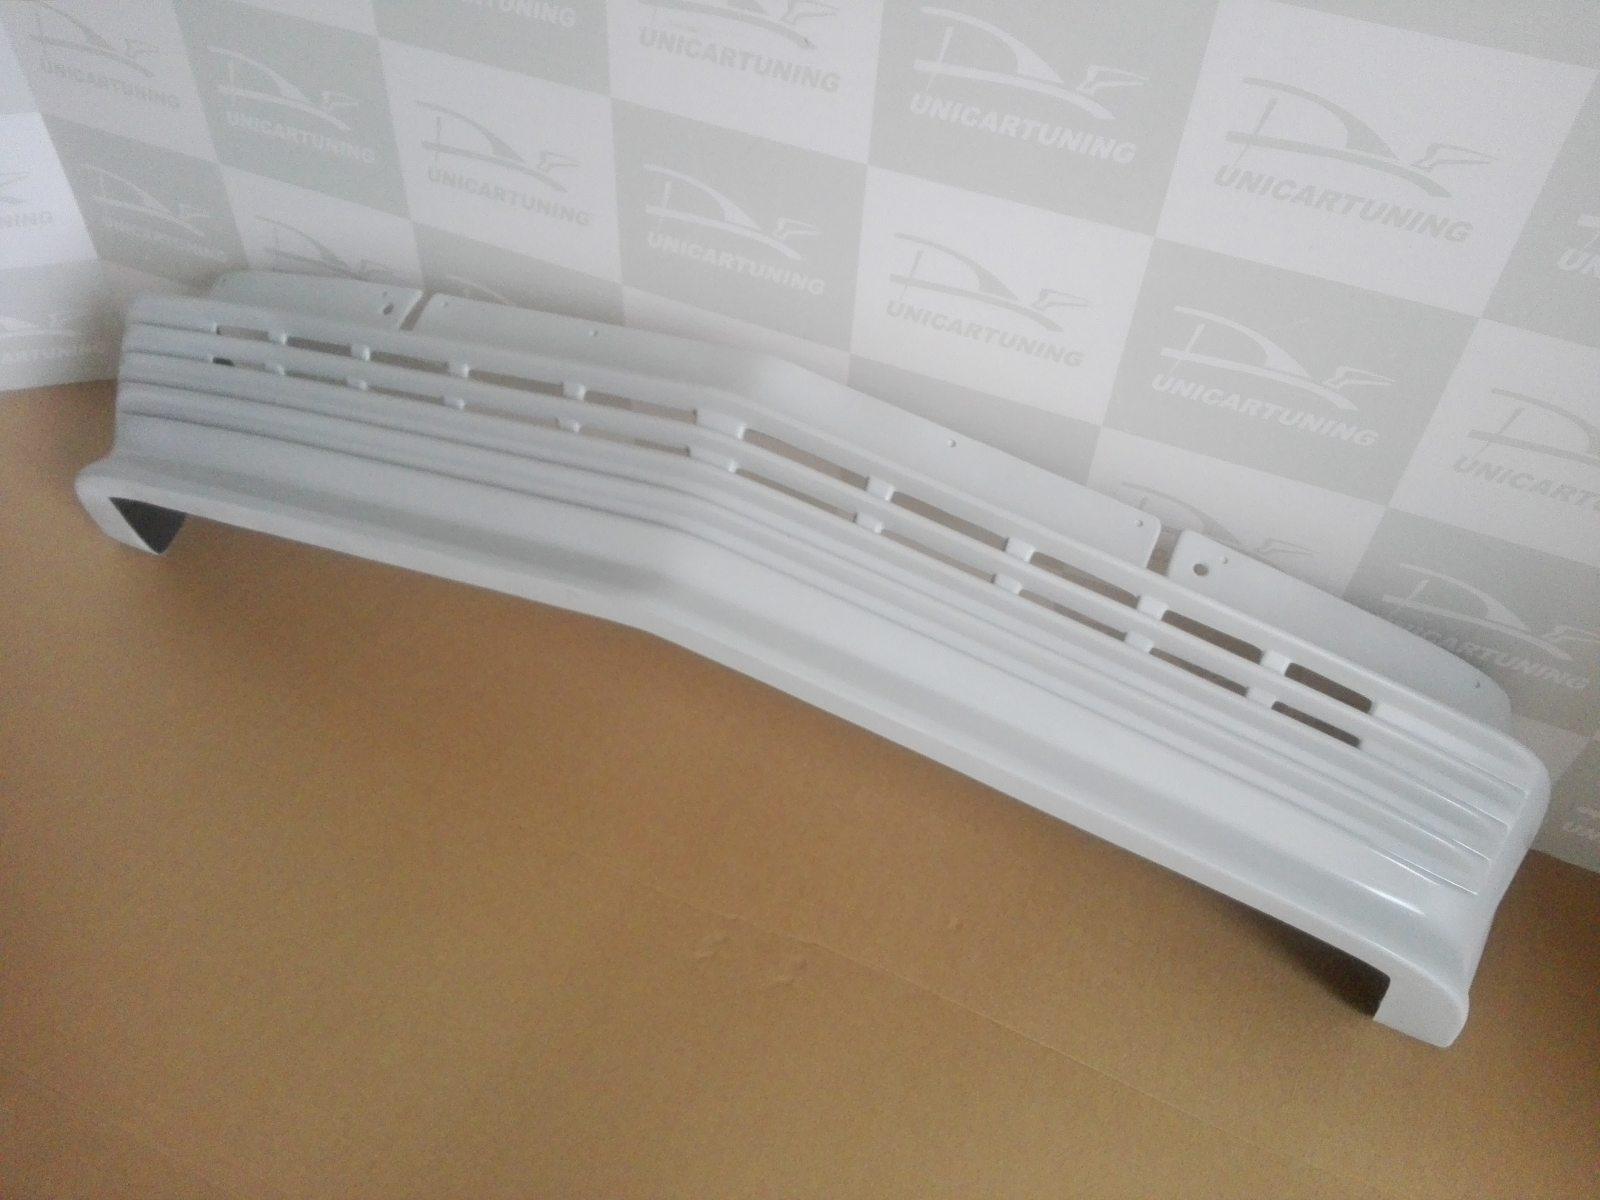 BMW-Serie-3-E21-75-83-Spoiler-Frente-BBS-10